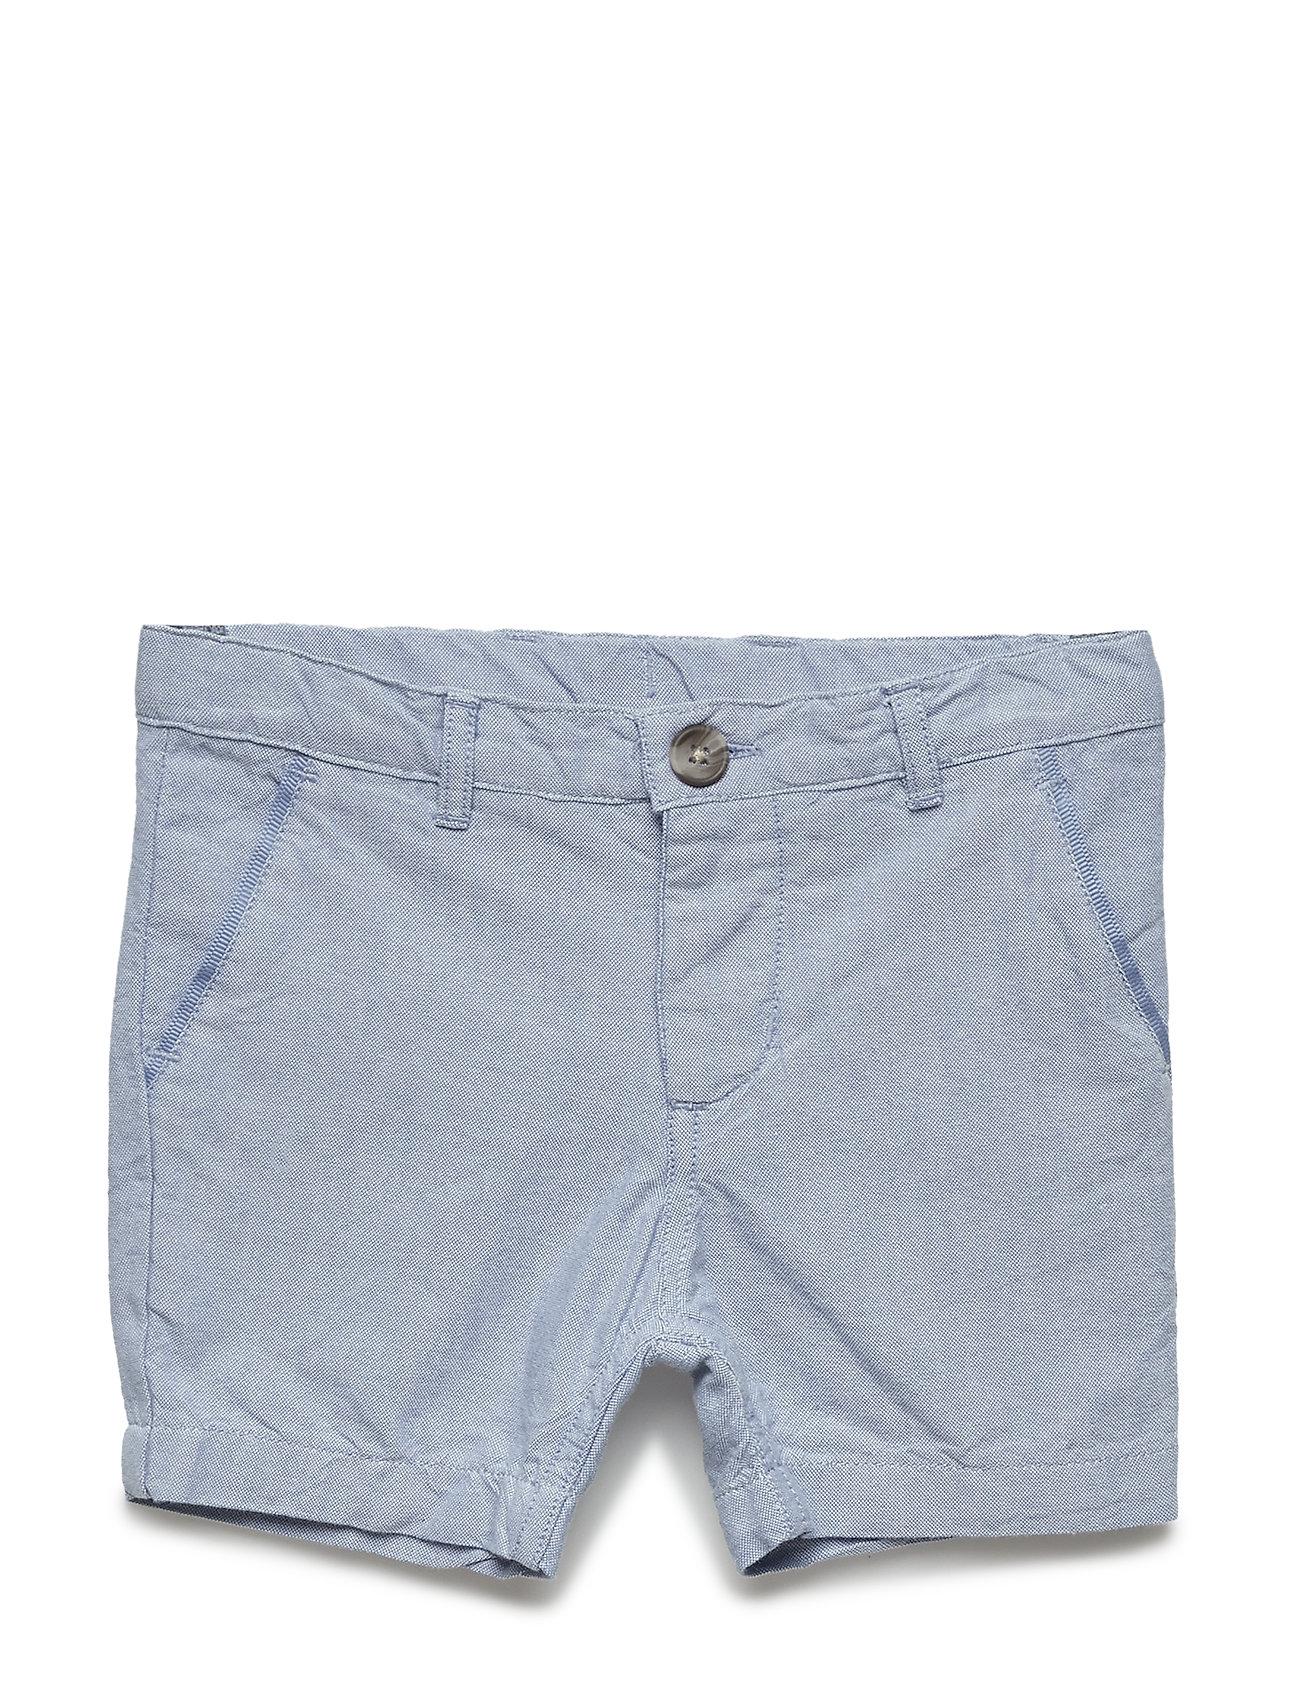 Polarn O. Pyret Shorts Woven Preschool - COOL BLUE